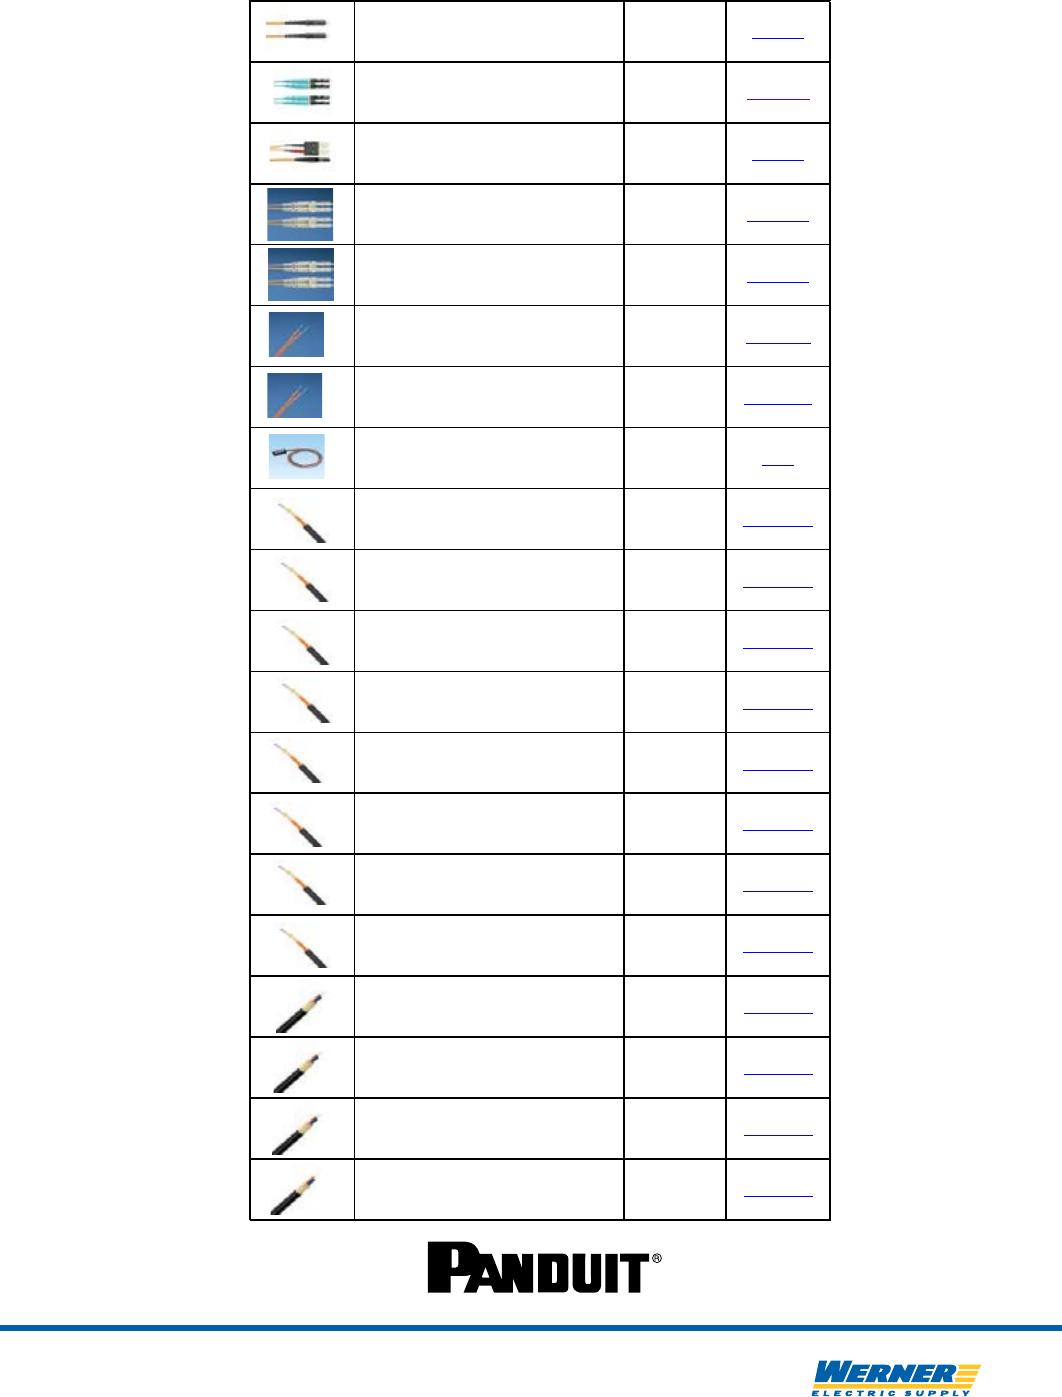 panduit rj11 wiring diagram 160687 catalog  160687 catalog